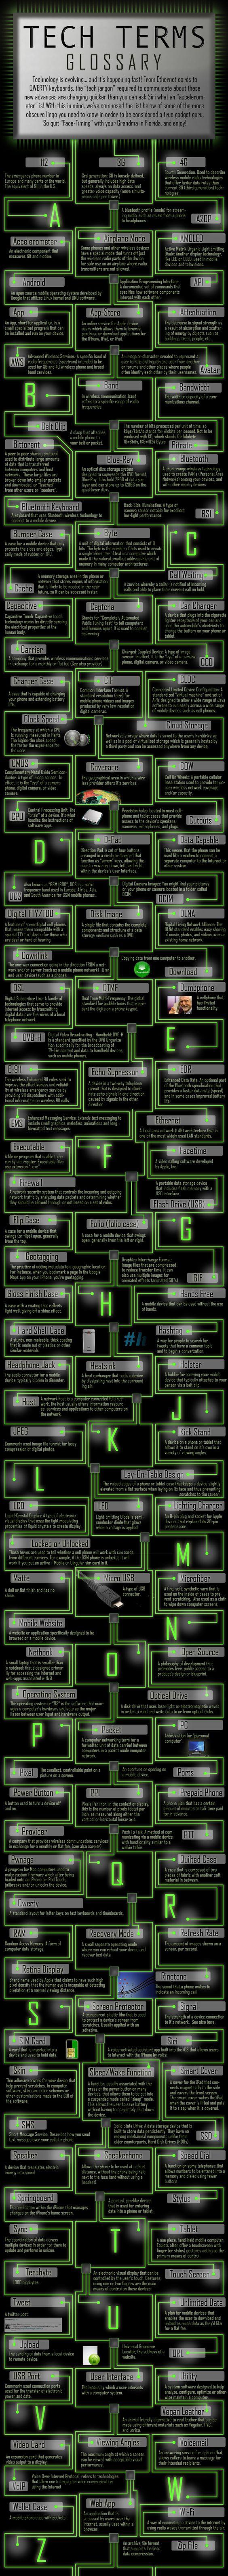 Glosario de términos de tecnología #tech #media